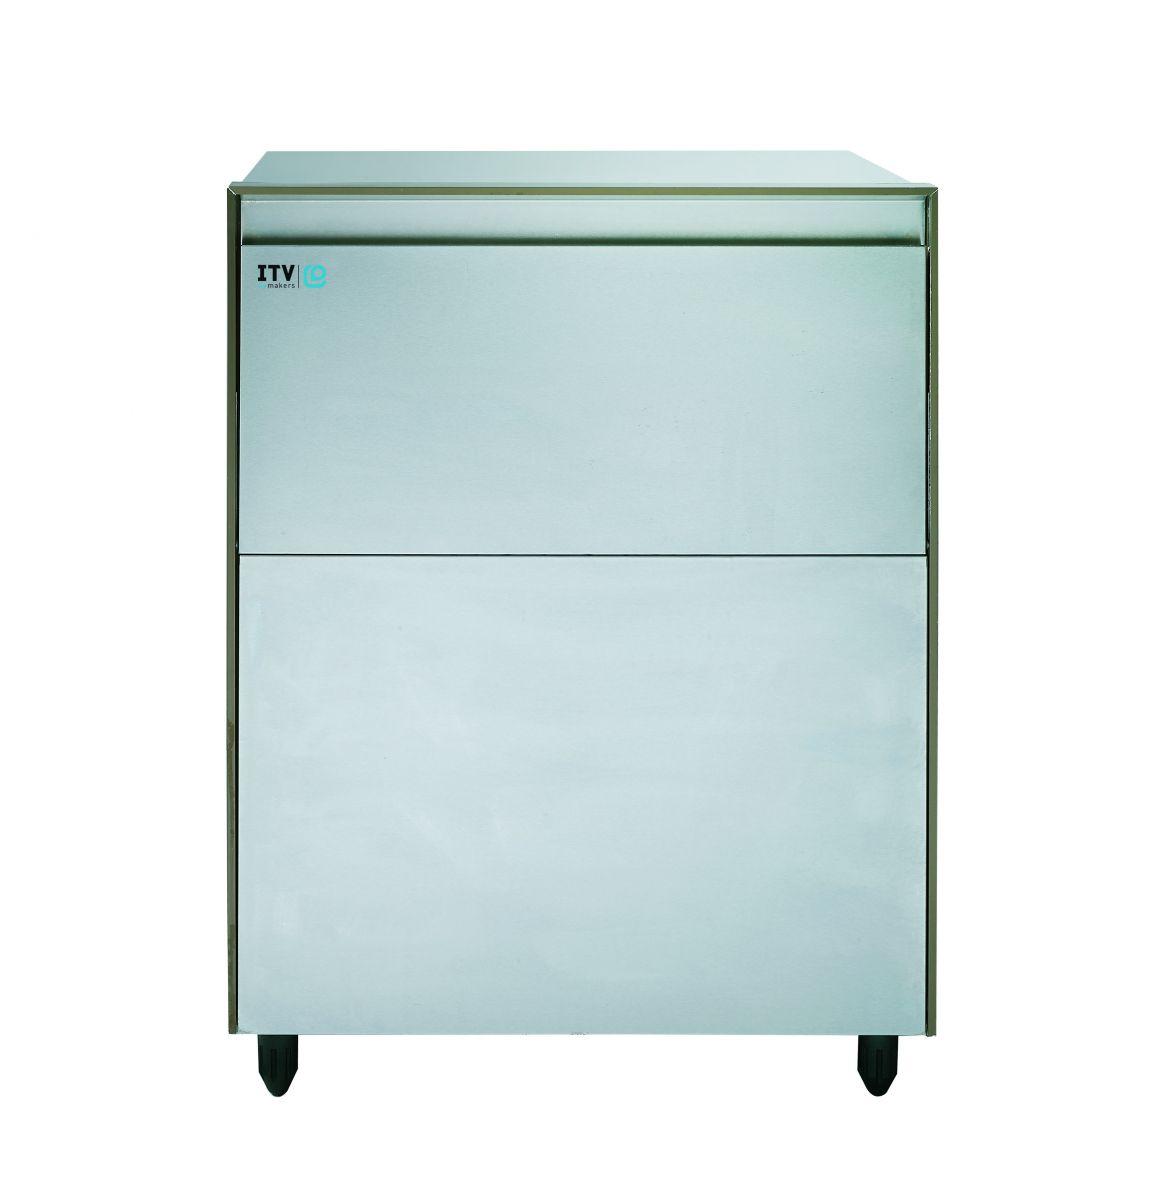 תא אחסון S80 למכונות קרח ITV ספרד